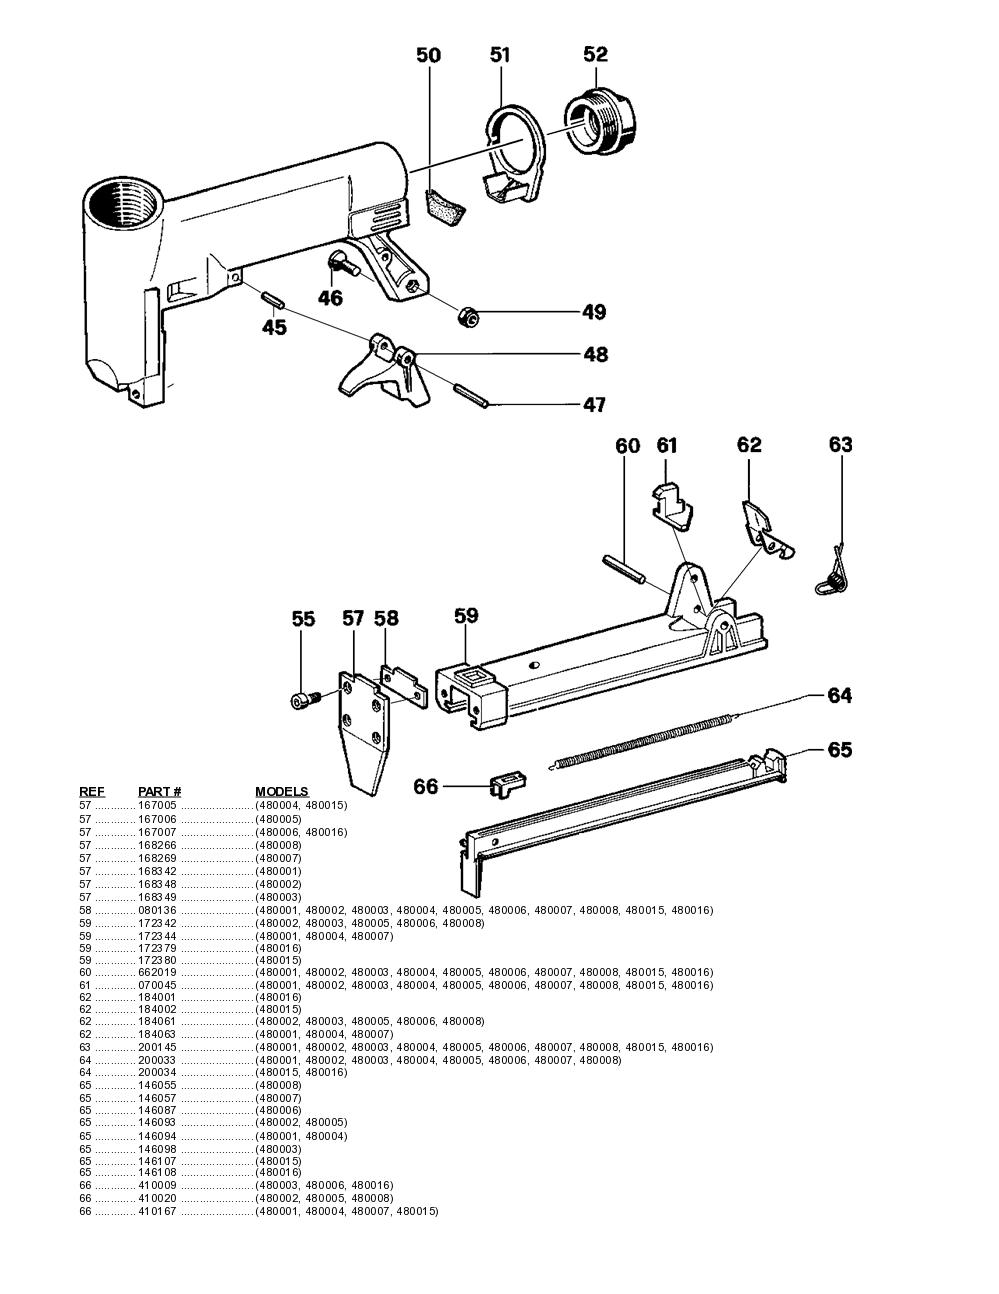 SFT10-senco-PB-2Break Down